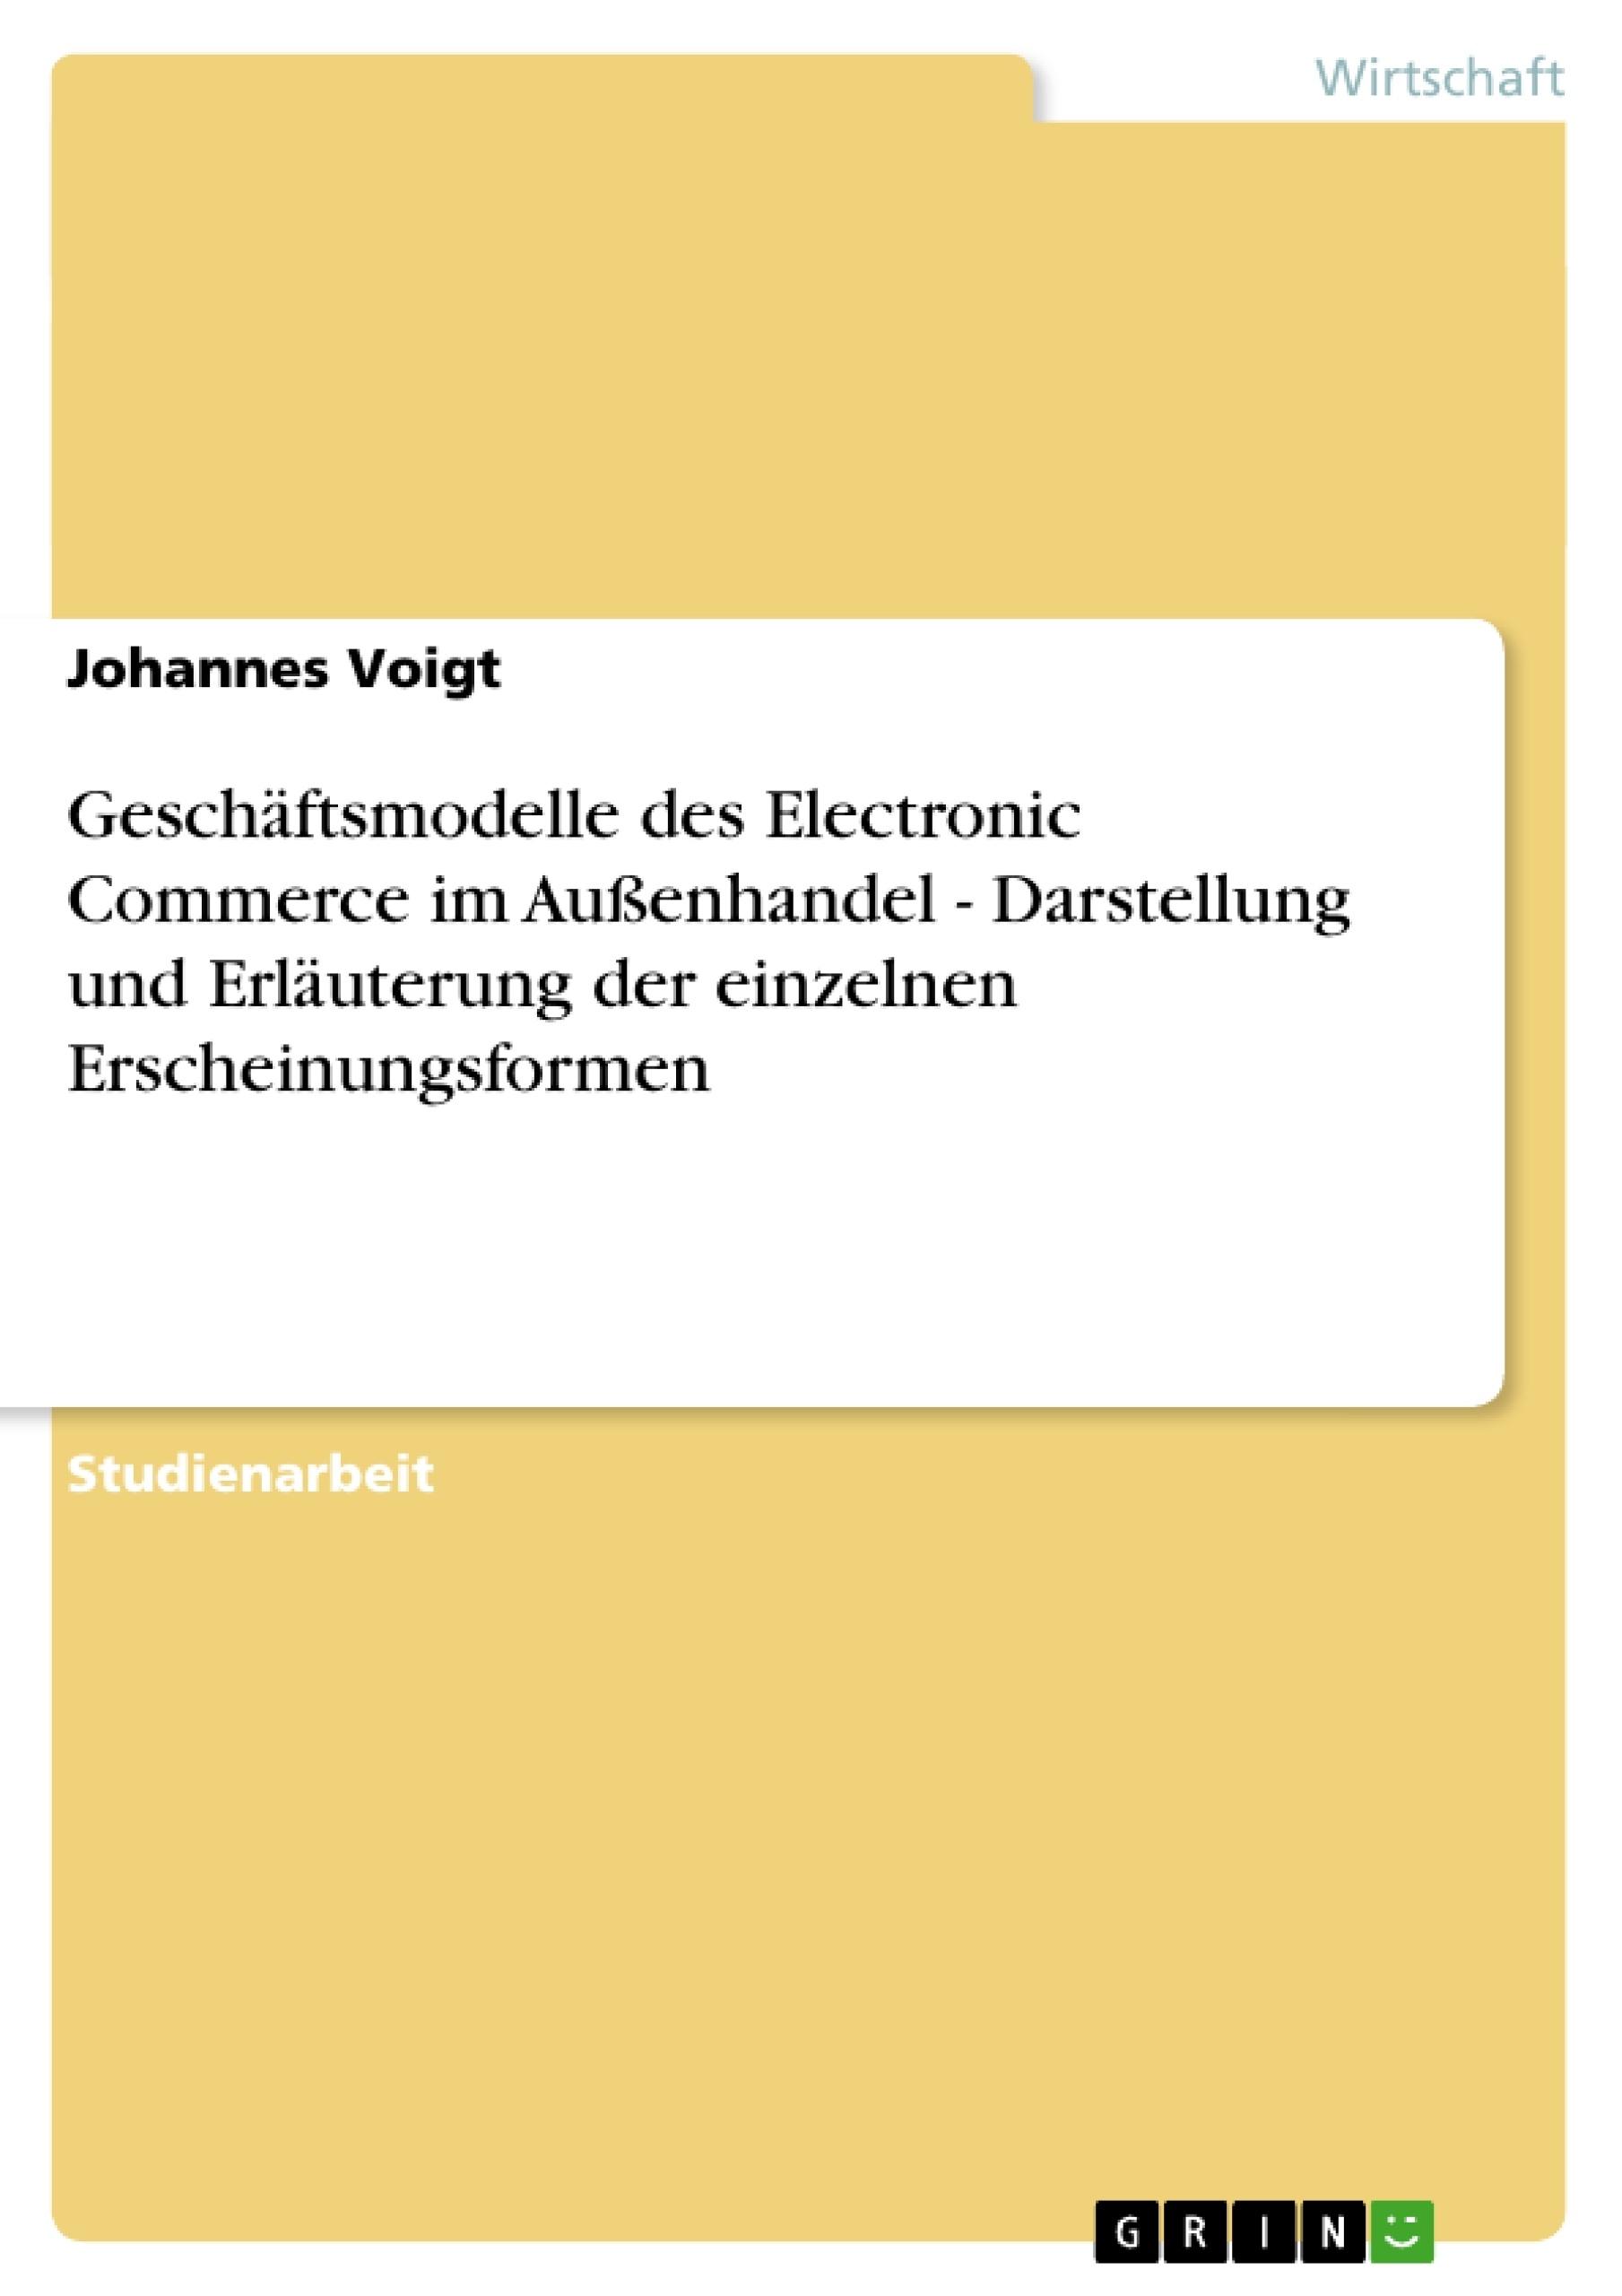 Titel: Geschäftsmodelle des Electronic Commerce im Außenhandel - Darstellung und Erläuterung der einzelnen Erscheinungsformen